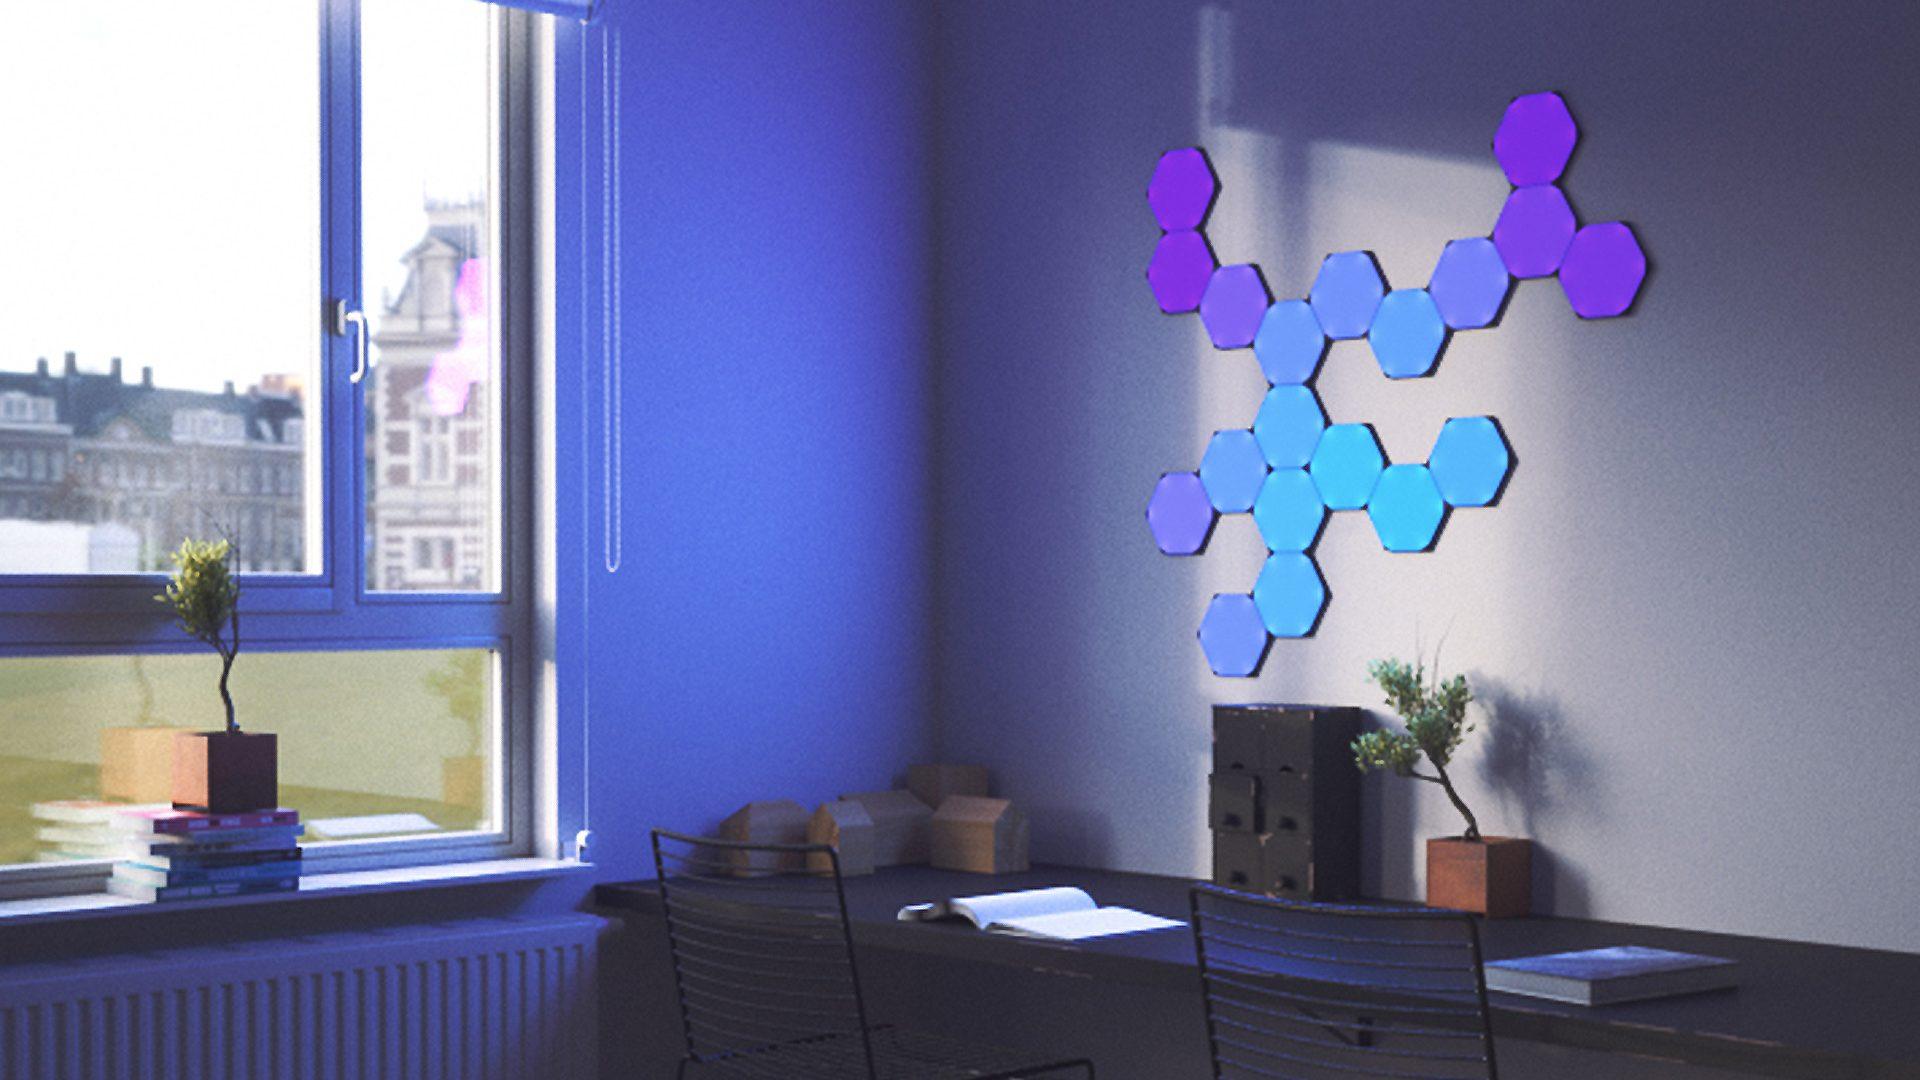 Les tuiles lumineuses Nanoleaf se déclinent en version hexagonale, toujours compatibles HomeKit 1